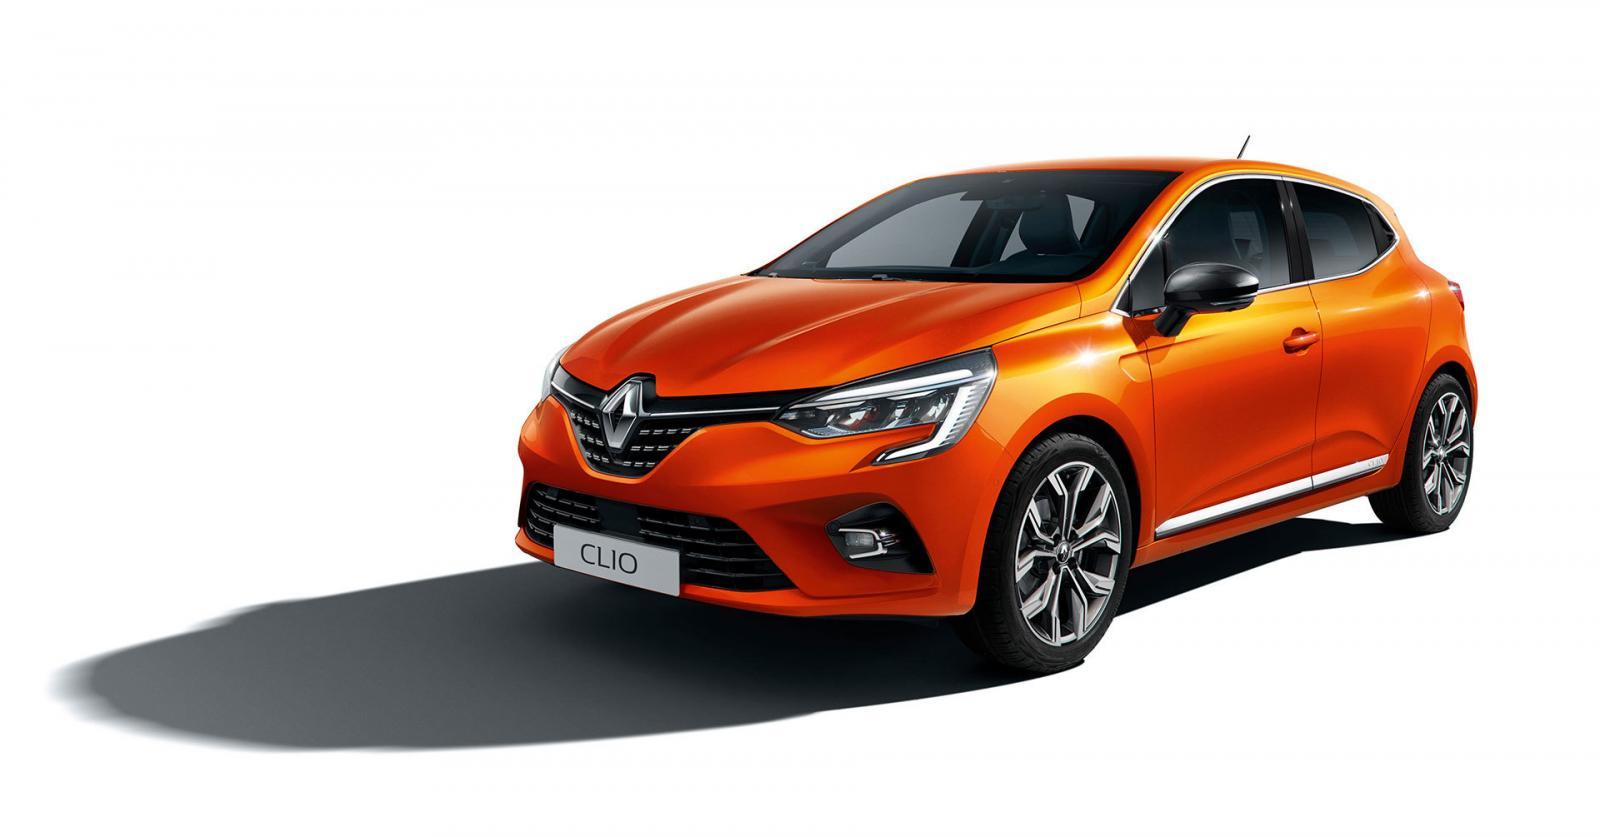 El Renault Clio E-TECH asegura que su mecánica híbrida maximiza la eficiencia energética